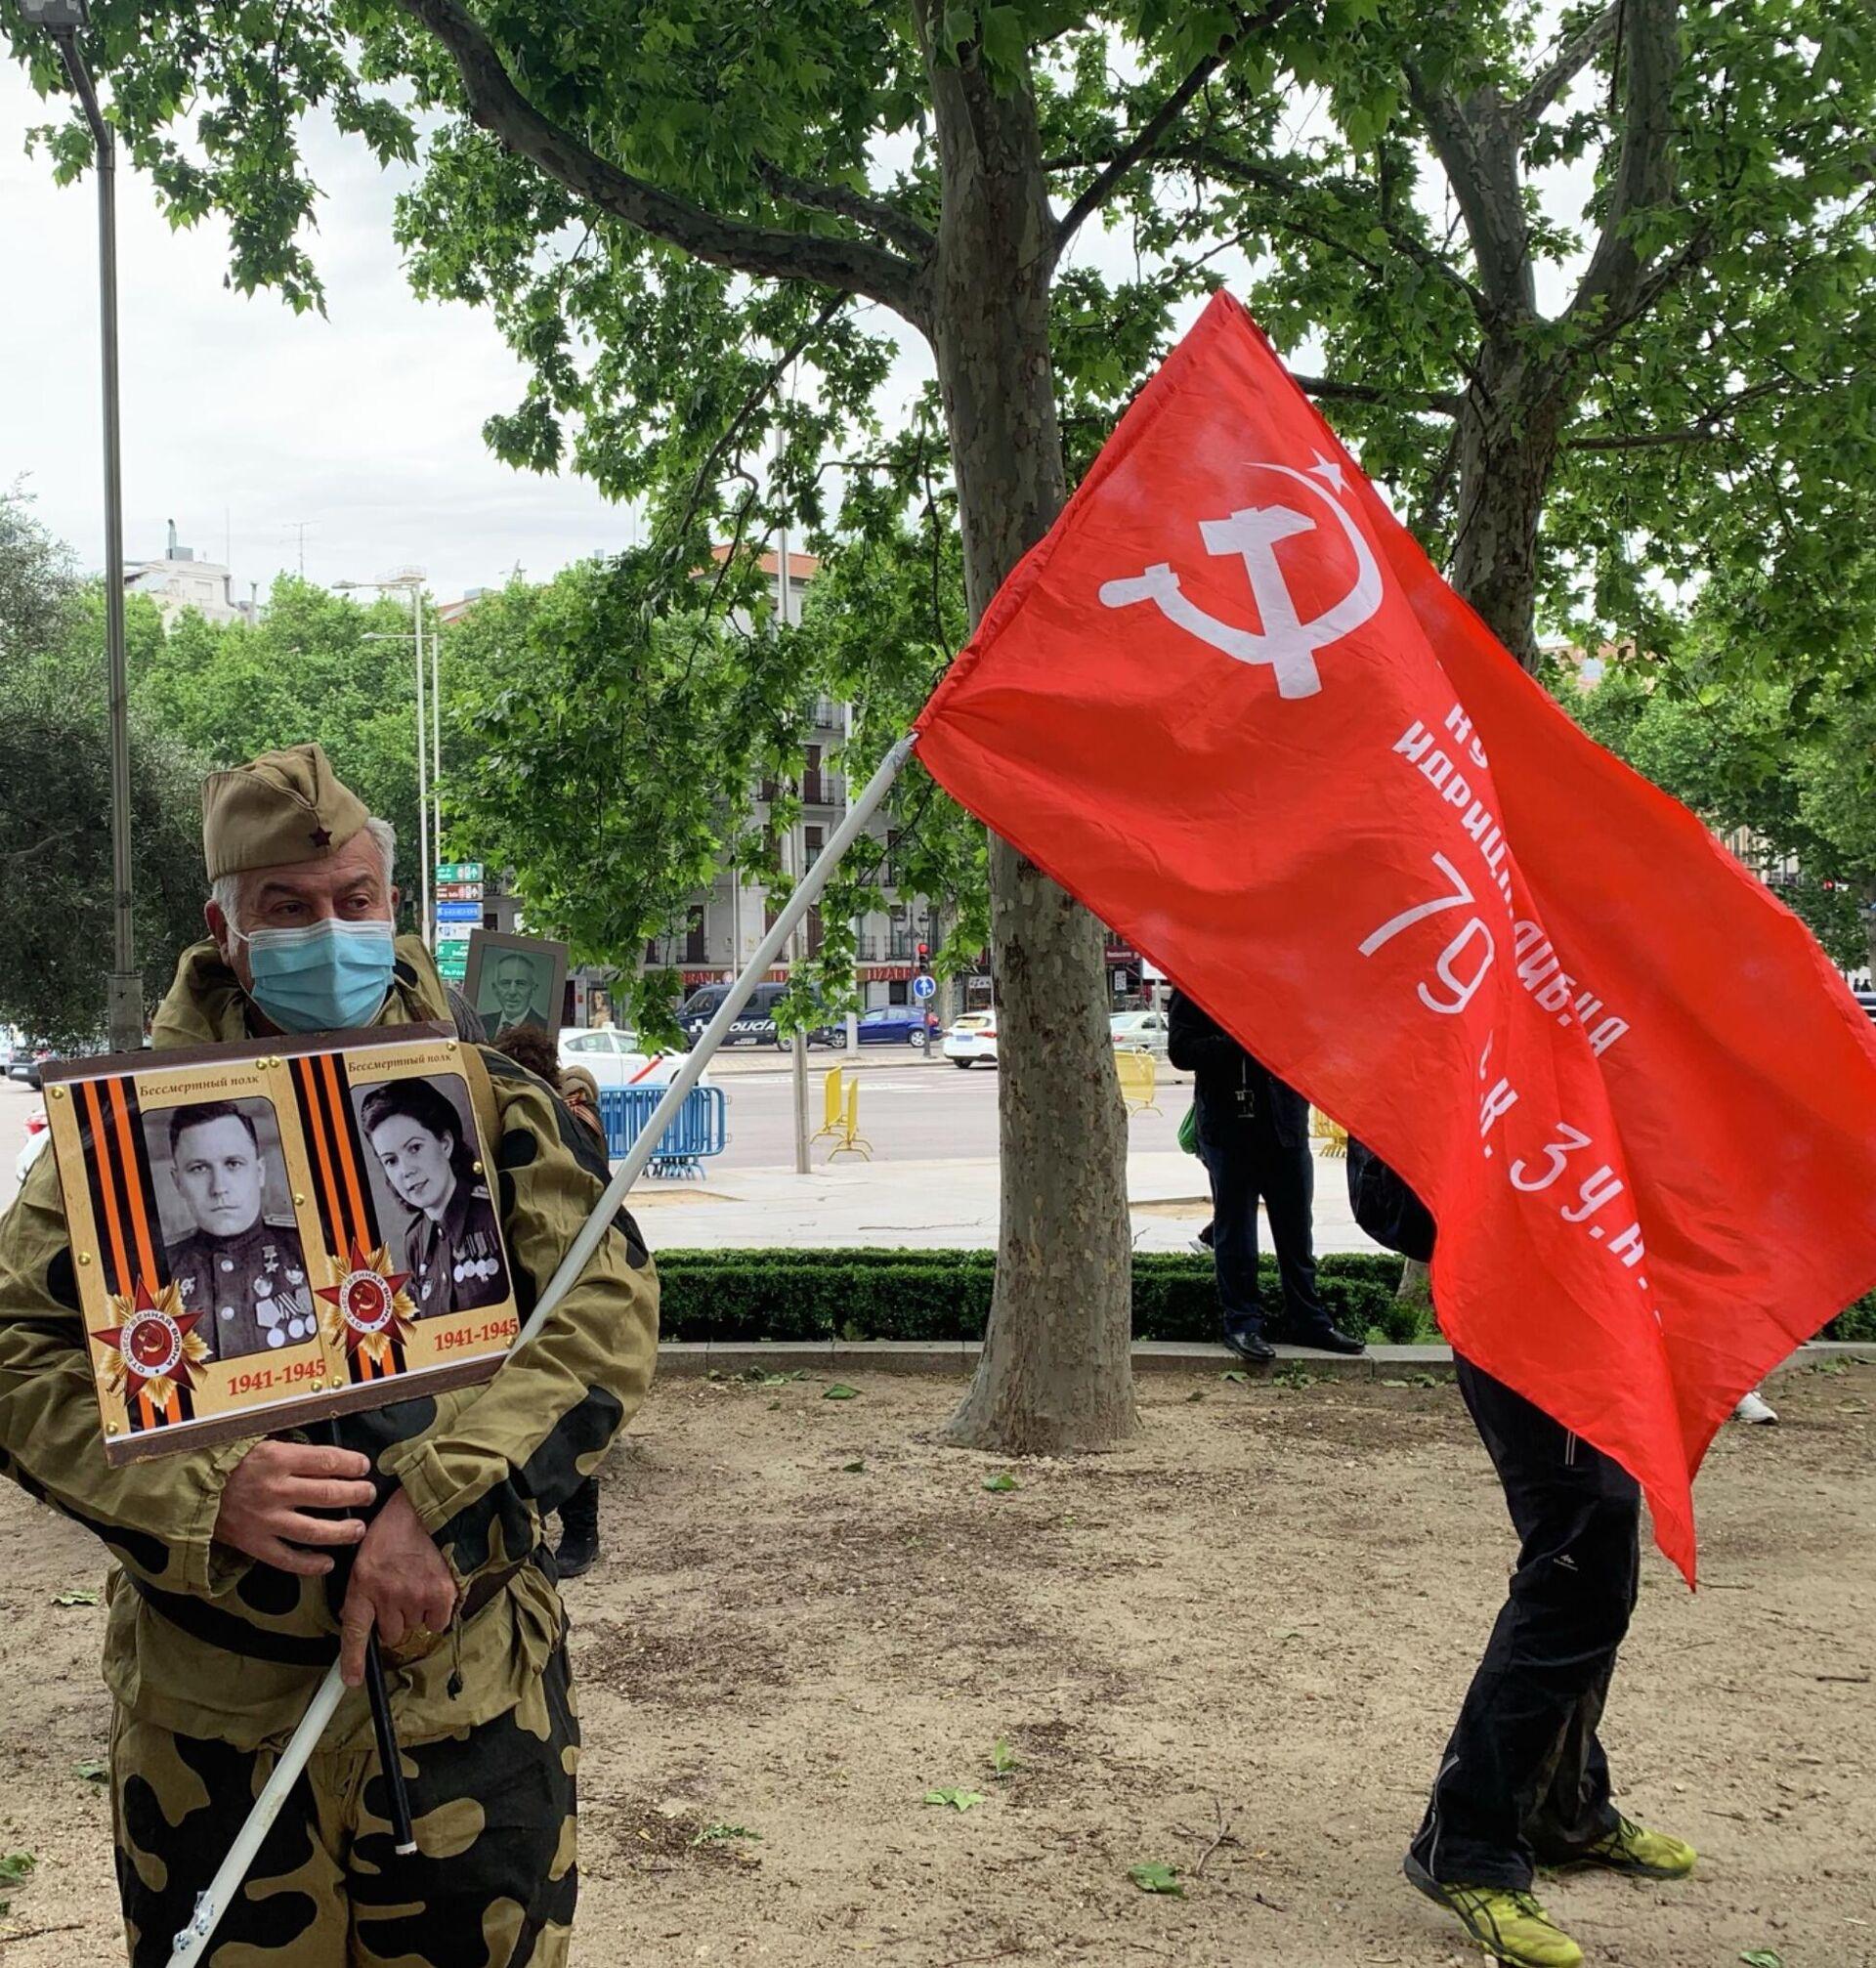 Участники акции Бессмертный полк во время празднования 76-й годовщины Победы в Великой Отечественной войне в Мадриде - РИА Новости, 1920, 09.05.2021